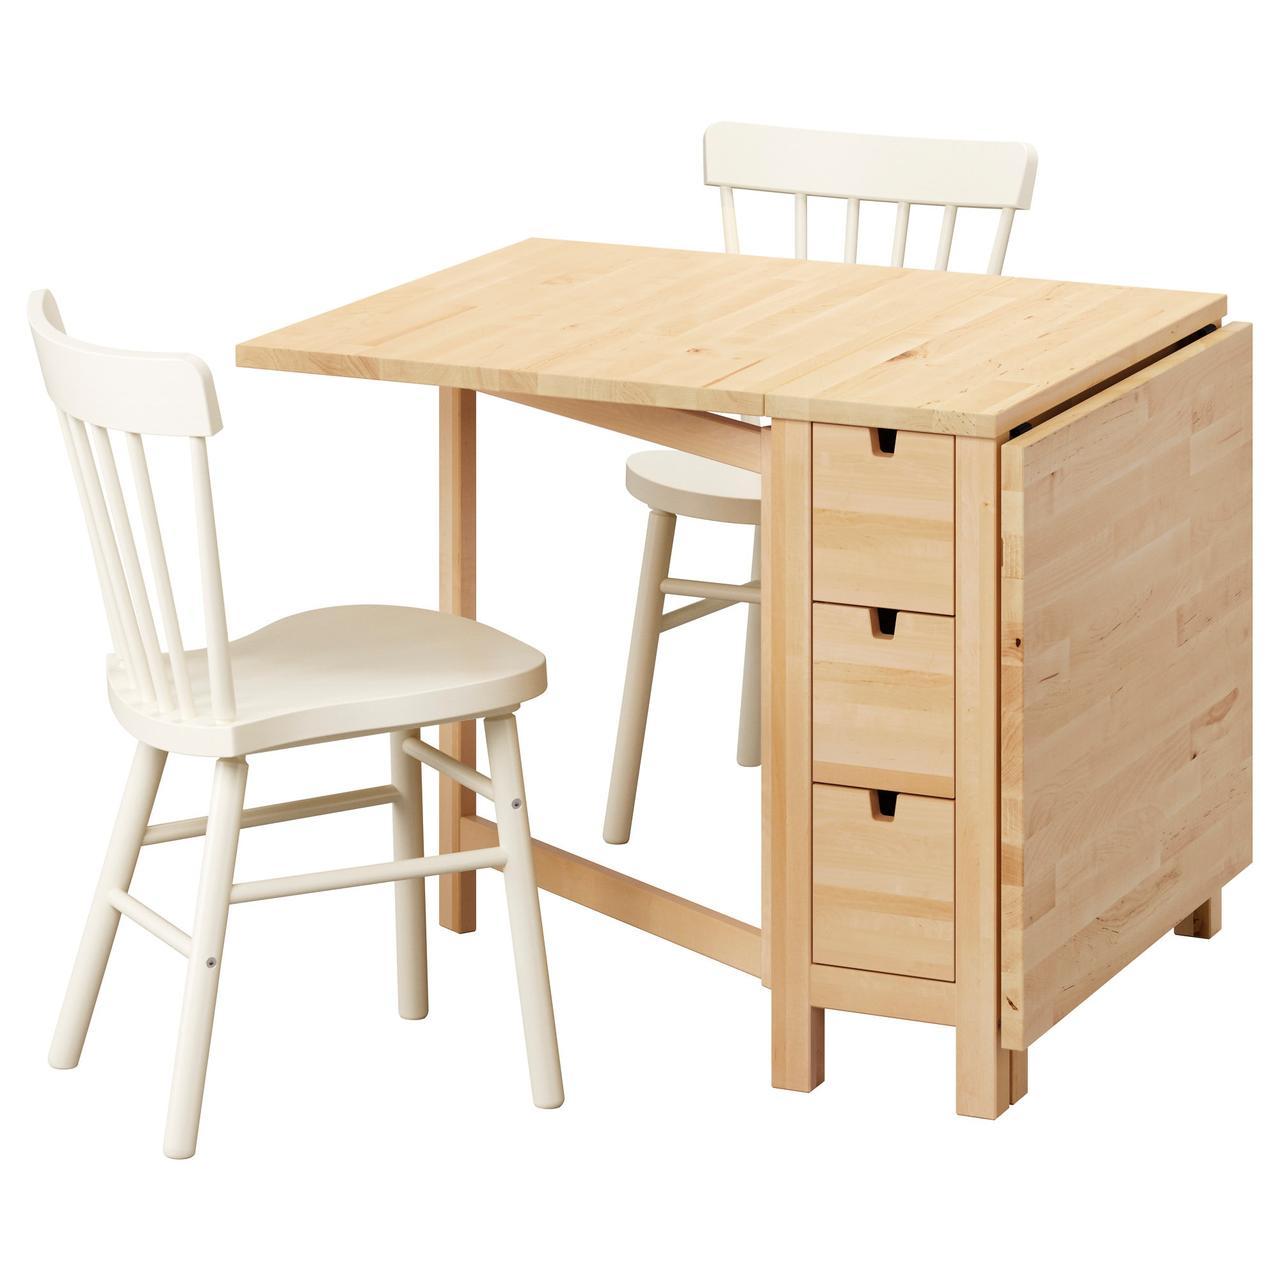 Обеденный комплект IKEA NORDEN / NORRARYD 89 см стол и 2 стула береза белый 592.291.71